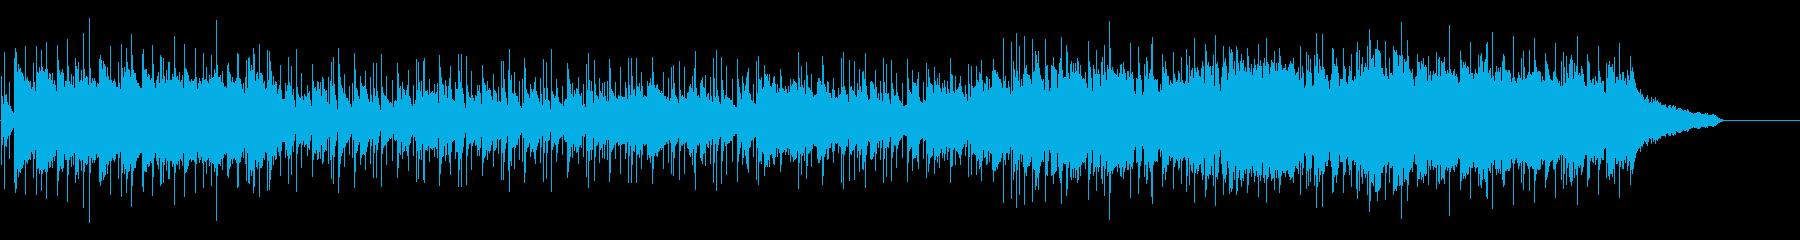 感傷感を歌いあげるポップ・バラードの再生済みの波形